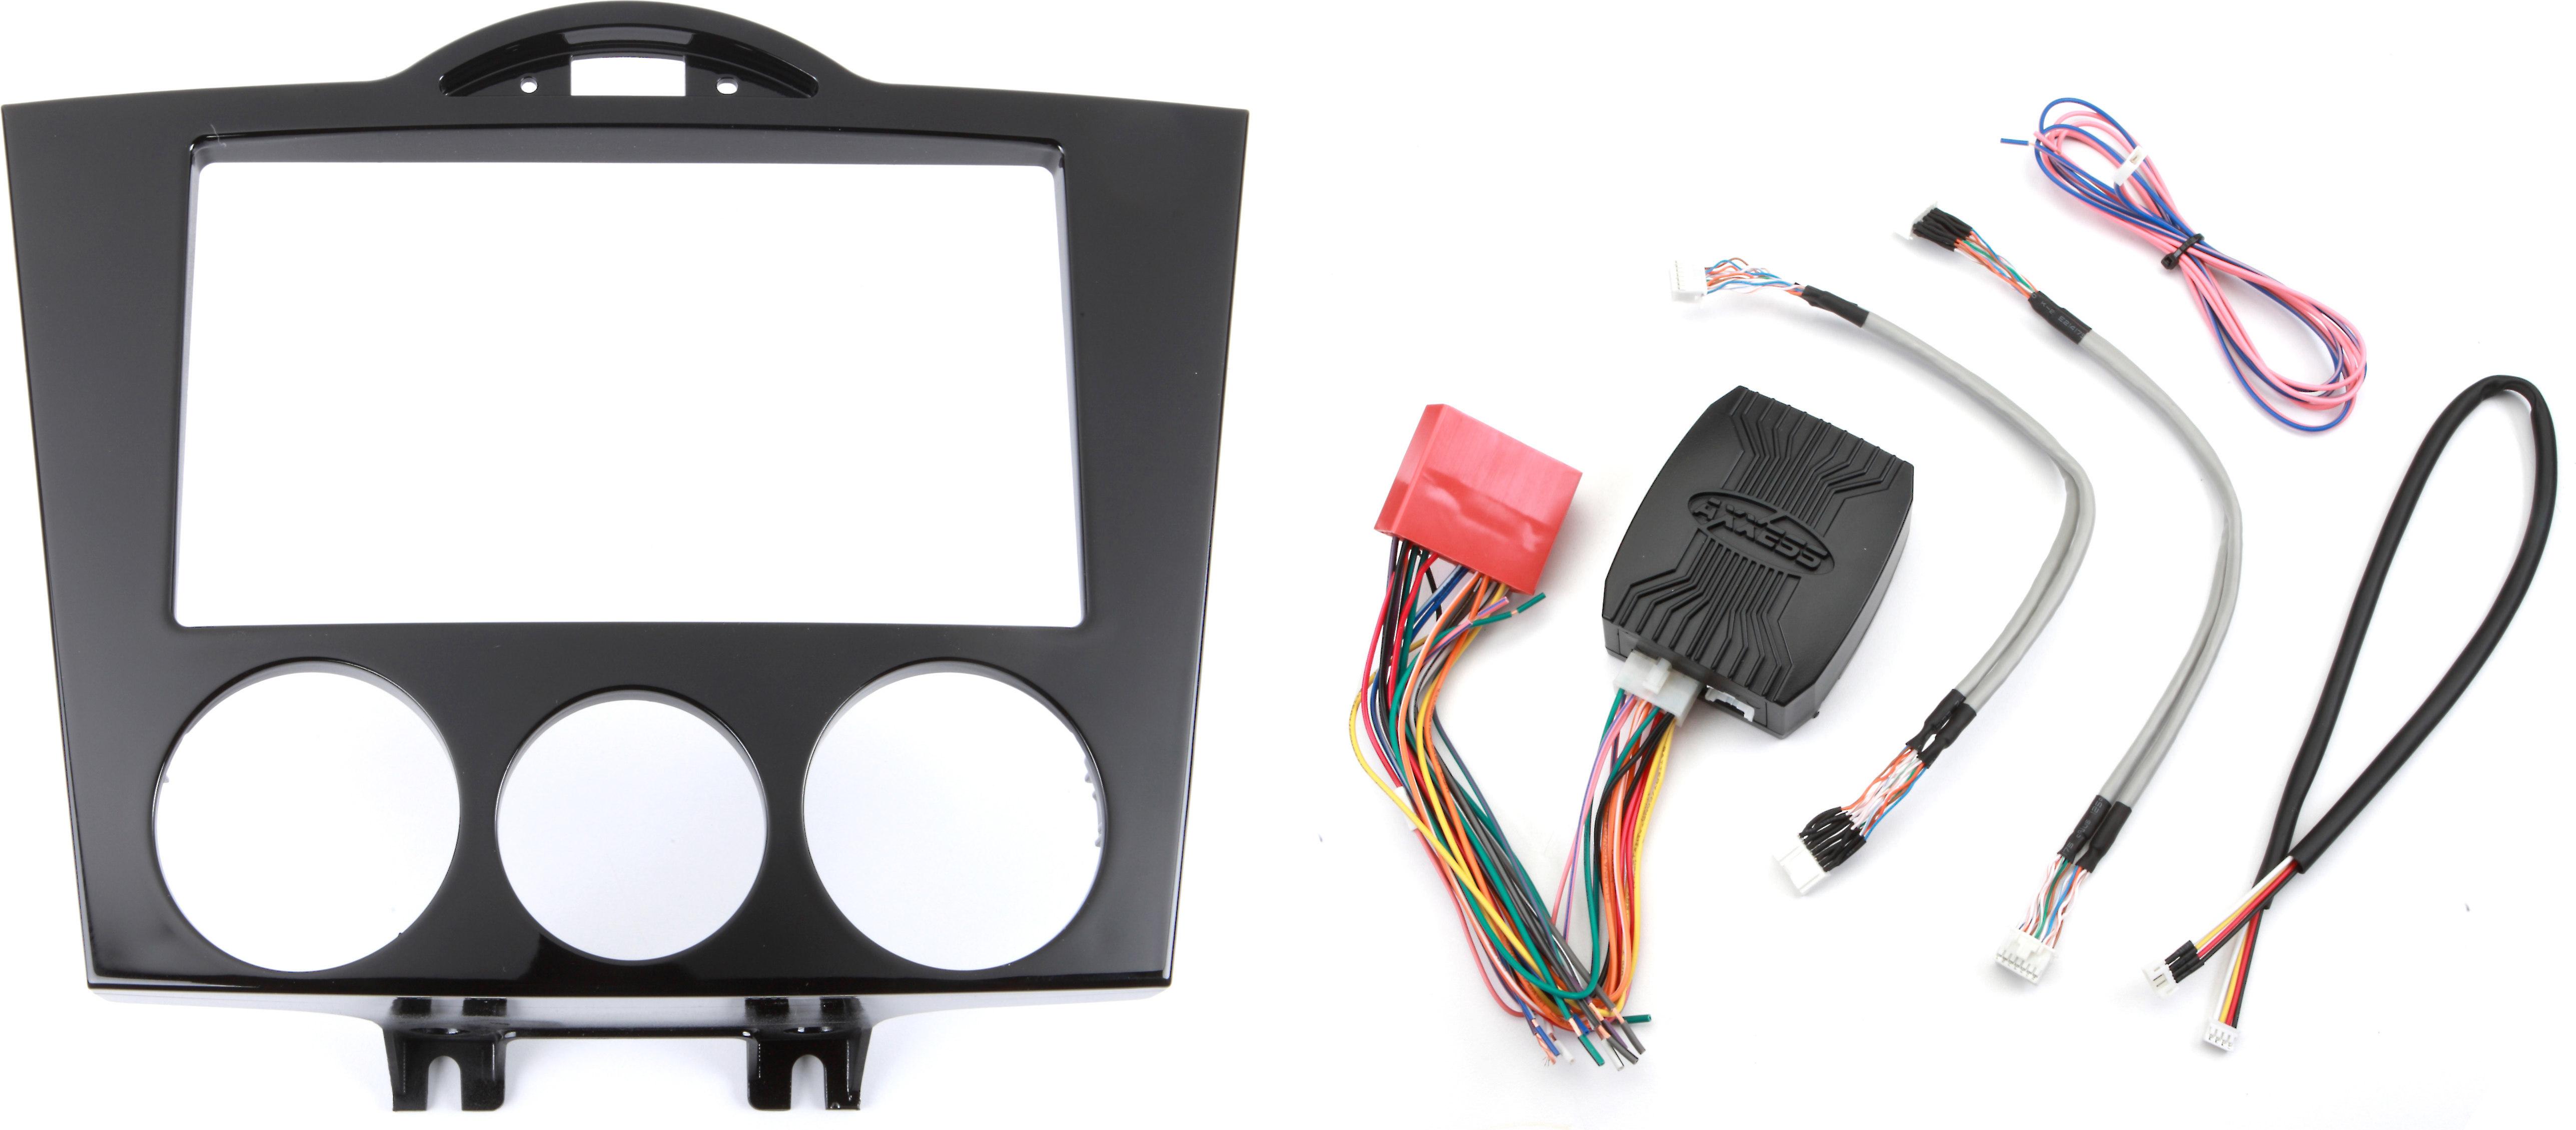 Metra 95-7510 Dash and Wiring Kit (Gloss Black)